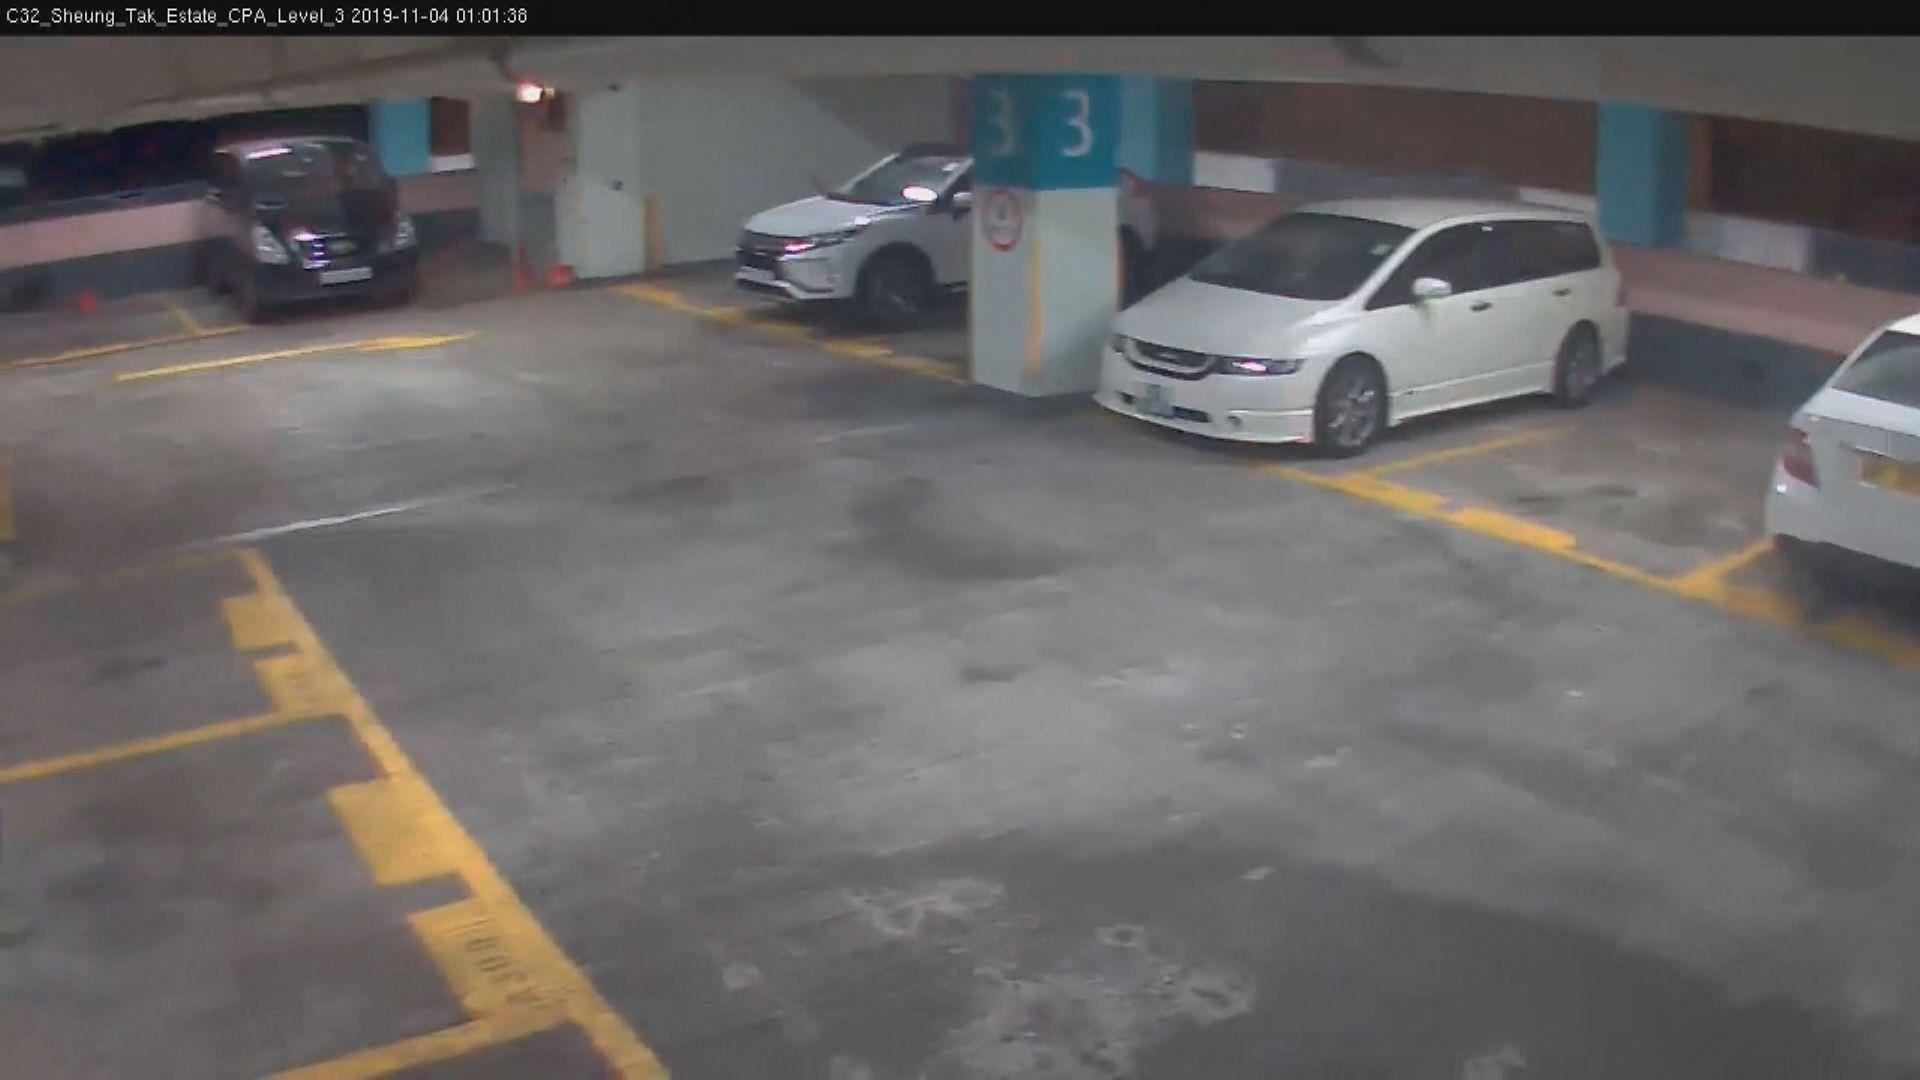 領展再公開多段停車場三樓閉路電視片段